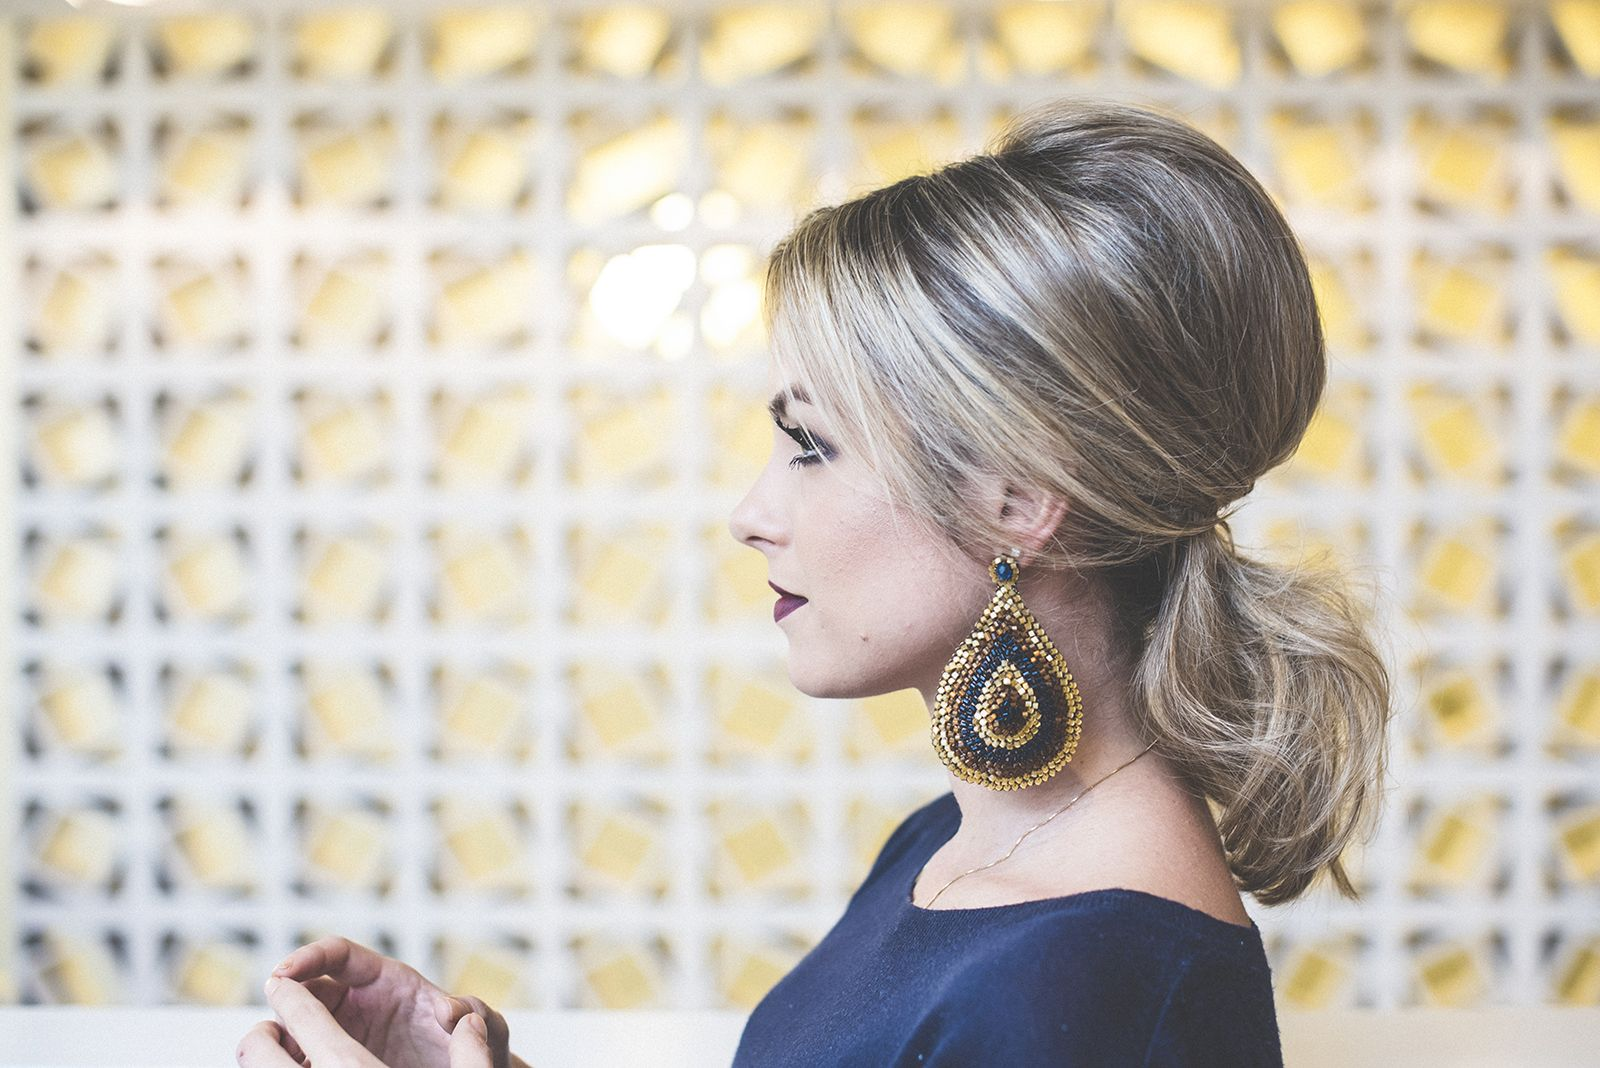 Mari michalik no bureau de estilo tif s encontro de beleza que